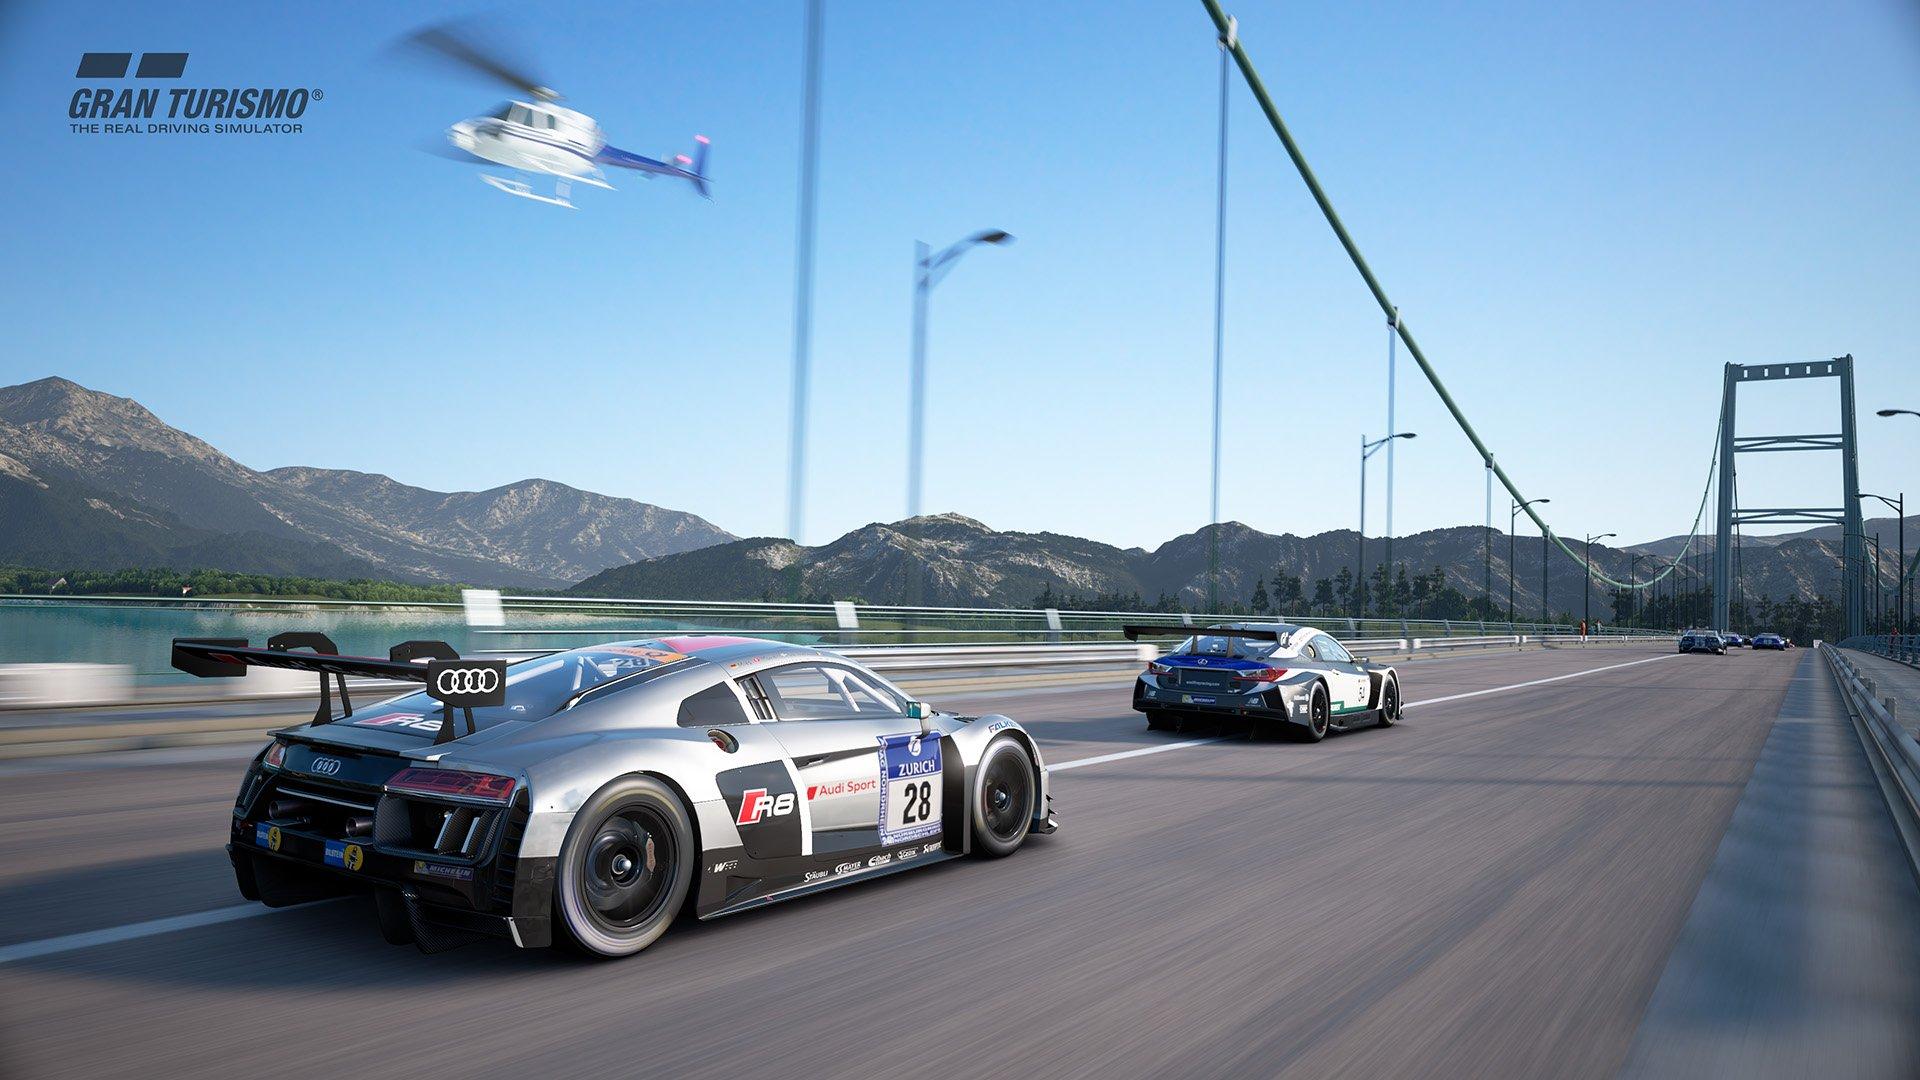 Gran Turismo Sport July update 'Circuit de Sainte-Croix' (A:B:C) 2